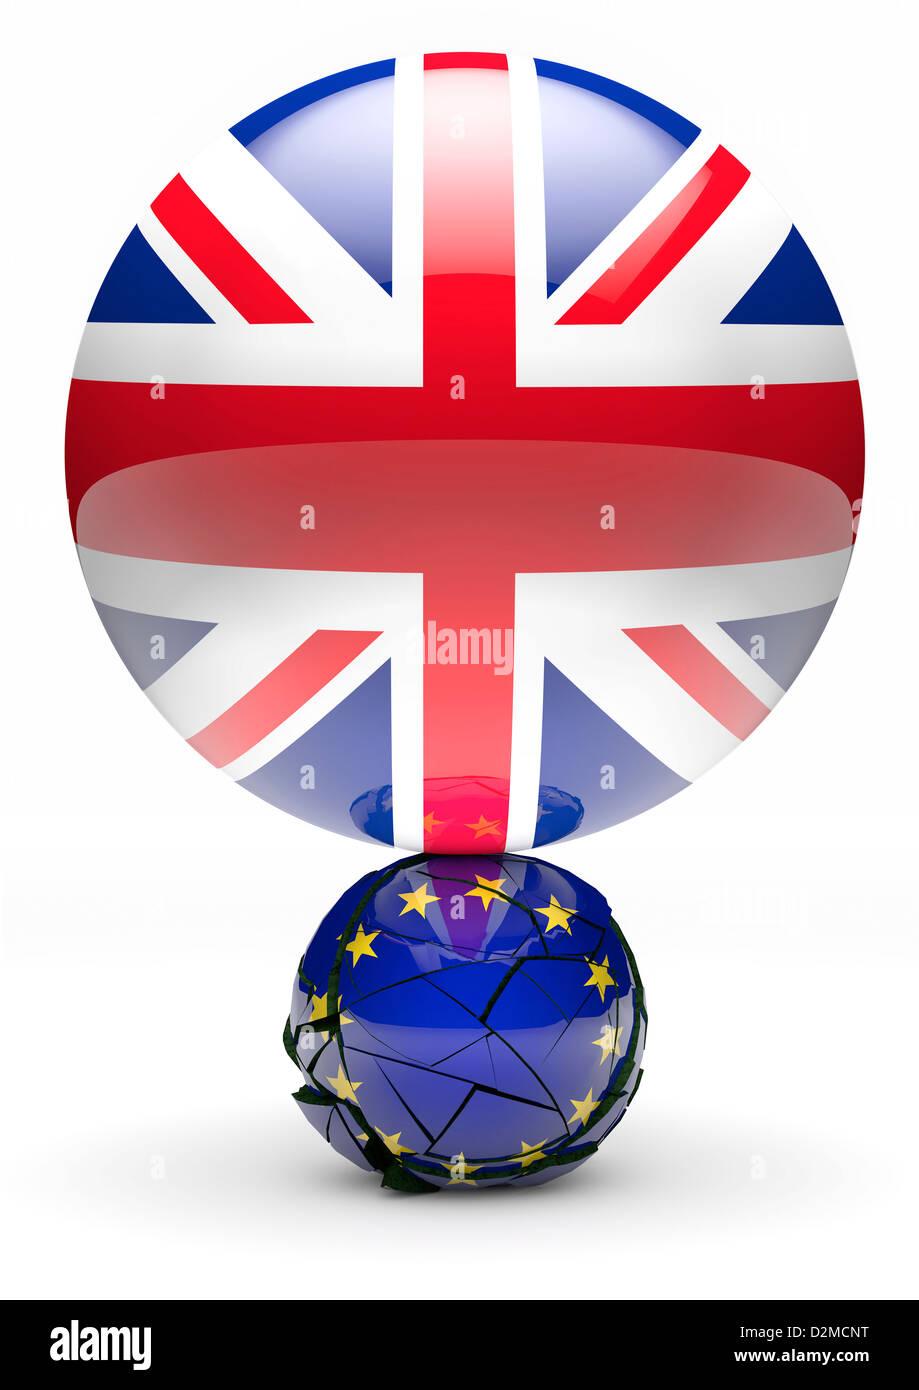 EU Referendum concepto - la bandera de unión aplastamiento de esfera pequeña bandera europea sphere Imagen De Stock